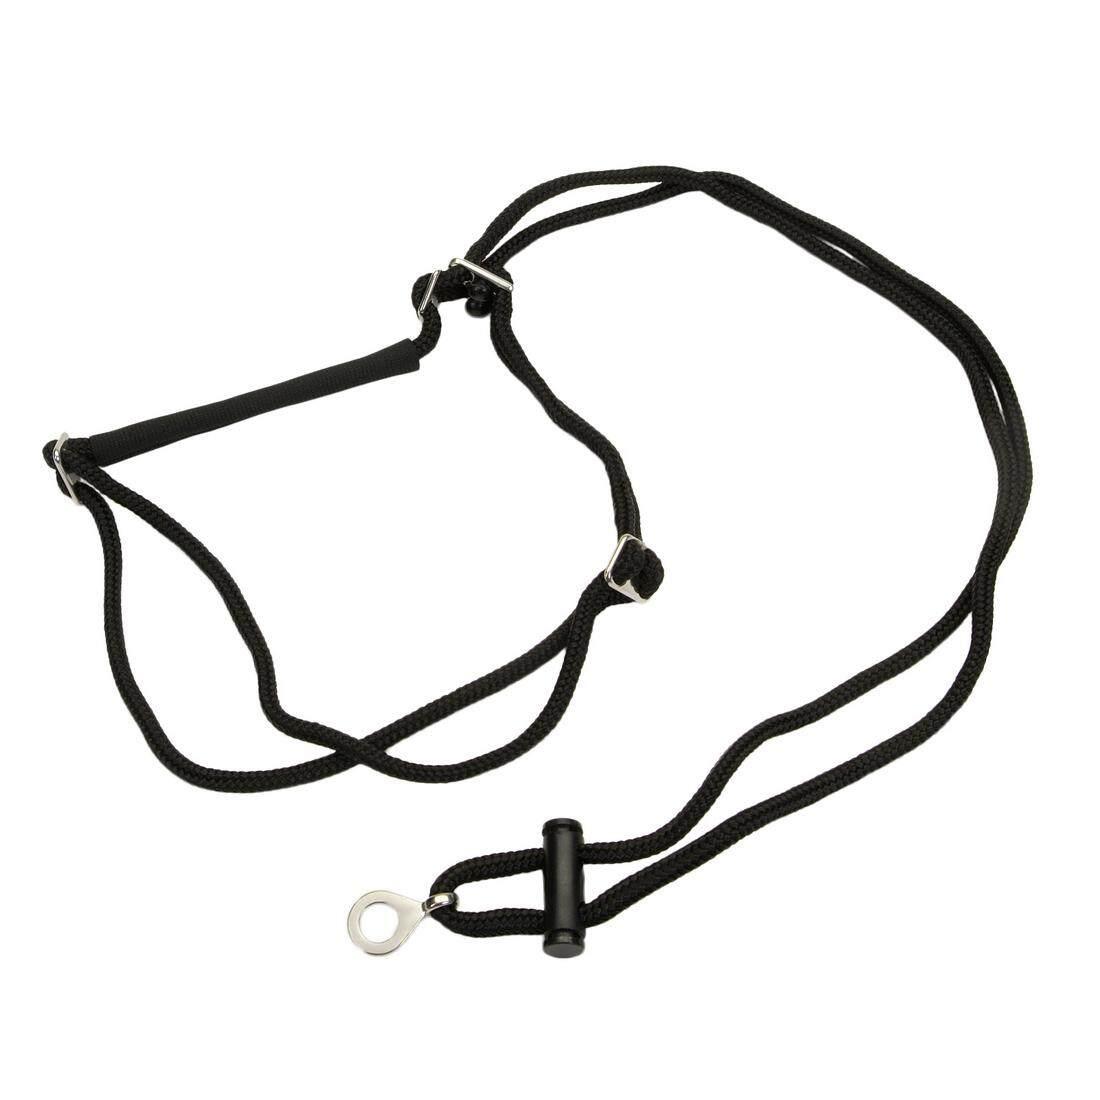 [Coastal] Holt Adjustable Dog Control Harness Large